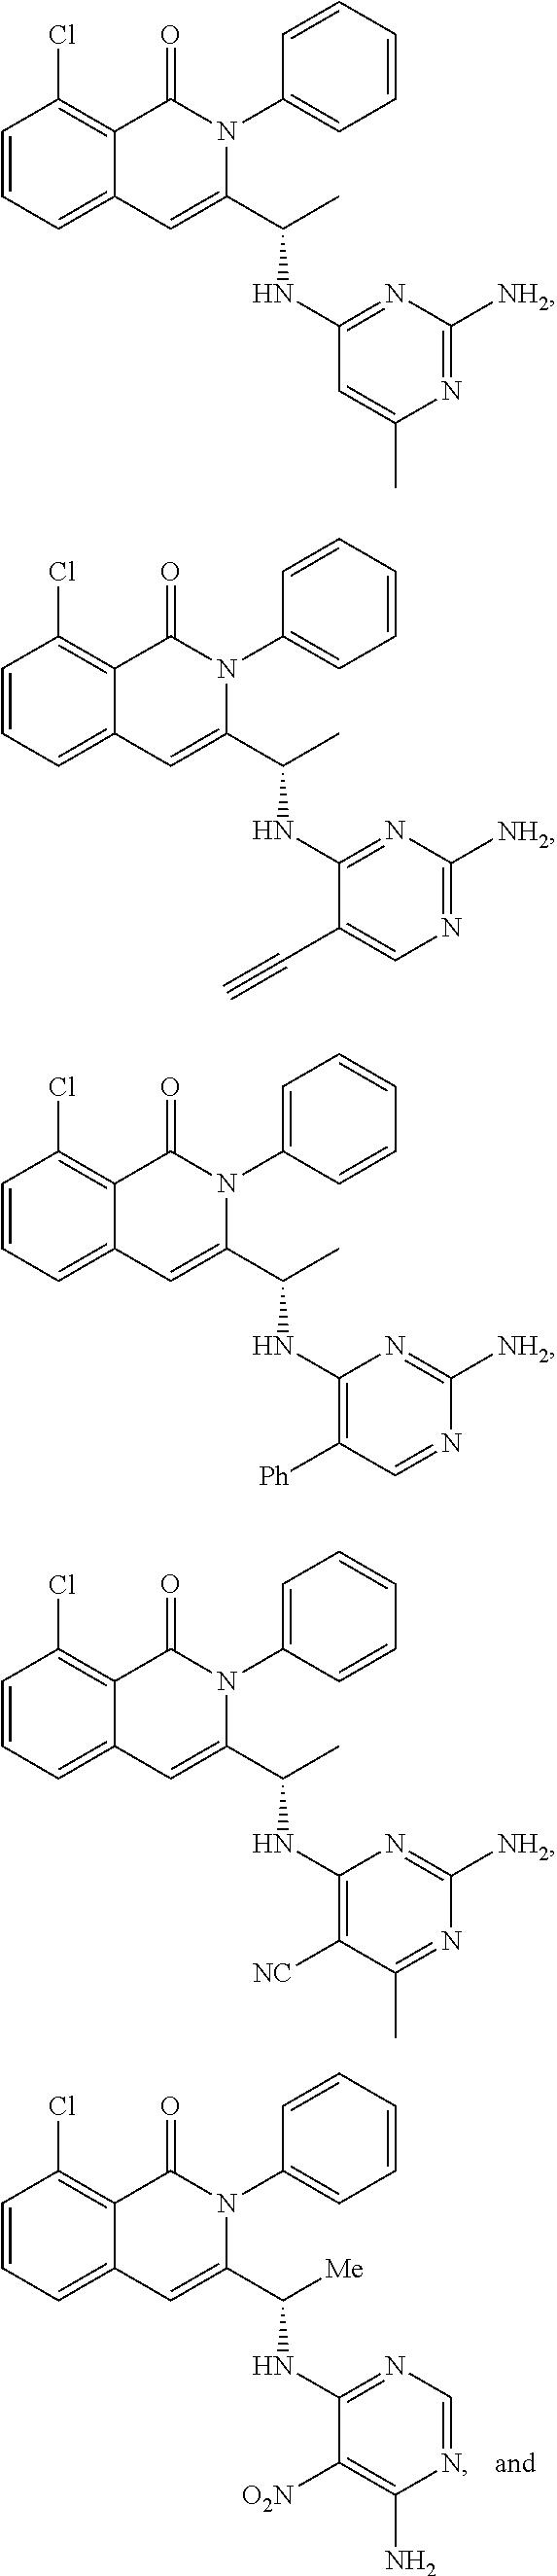 Figure US08785470-20140722-C00326